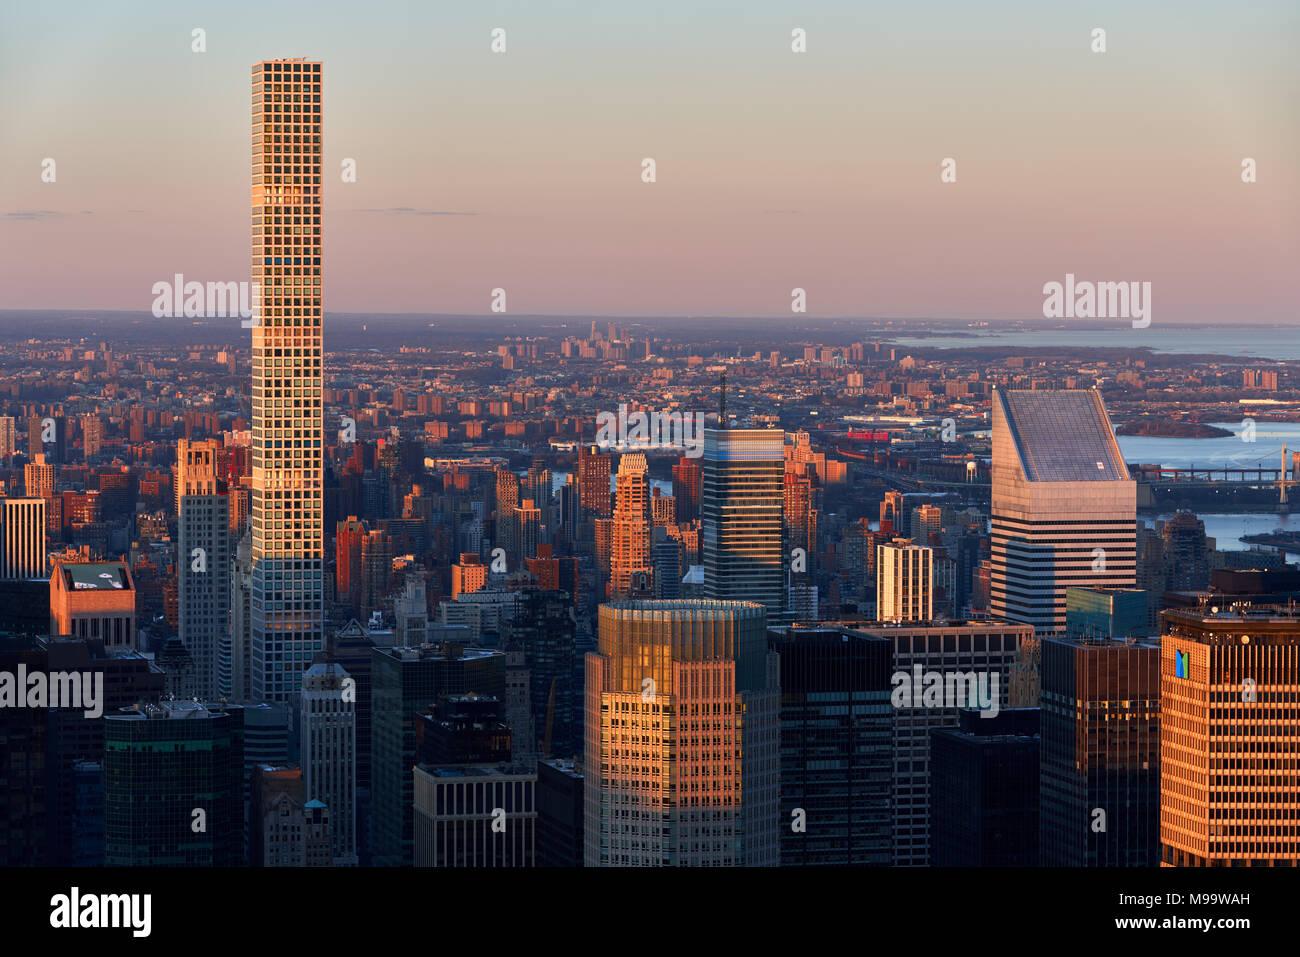 Antenne Sonnenuntergang Blick auf die Wolkenkratzer von Manhattan und 432 Park Avenue luxuriöse Gebäude (höchste Wohnhaus in USA, April 2018) Stockbild